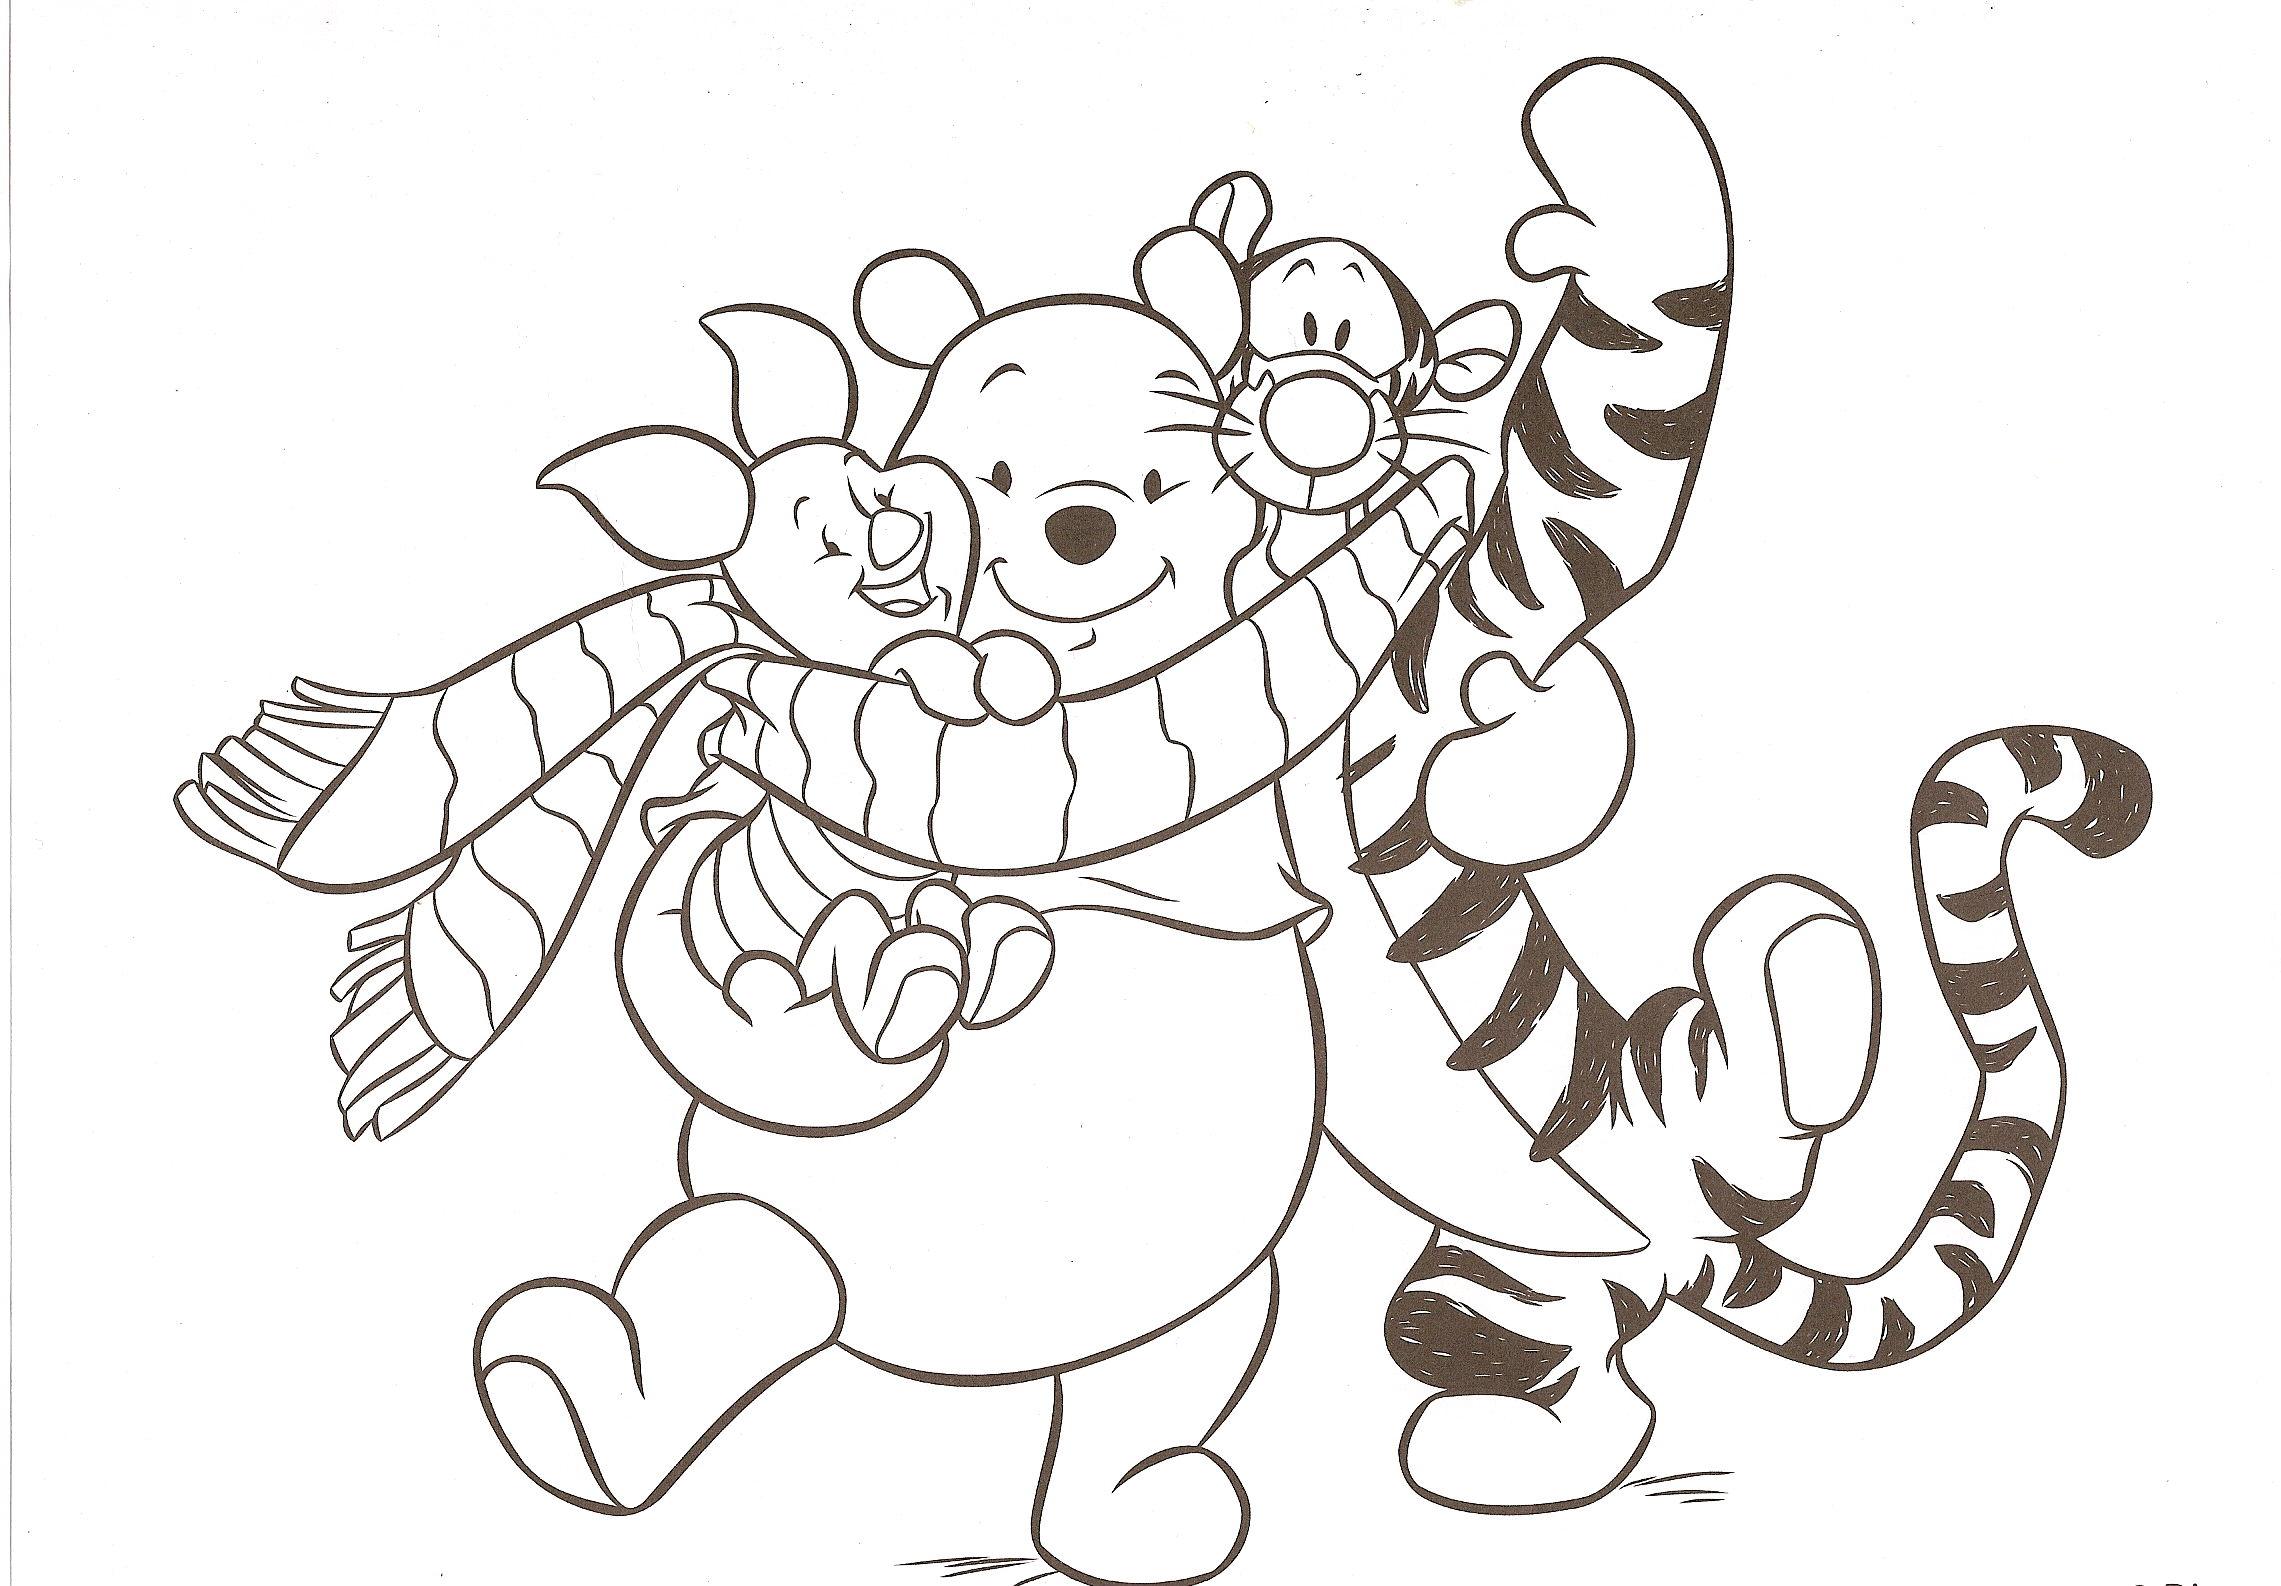 dessin à colorier de winnie l'ourson et ses amis